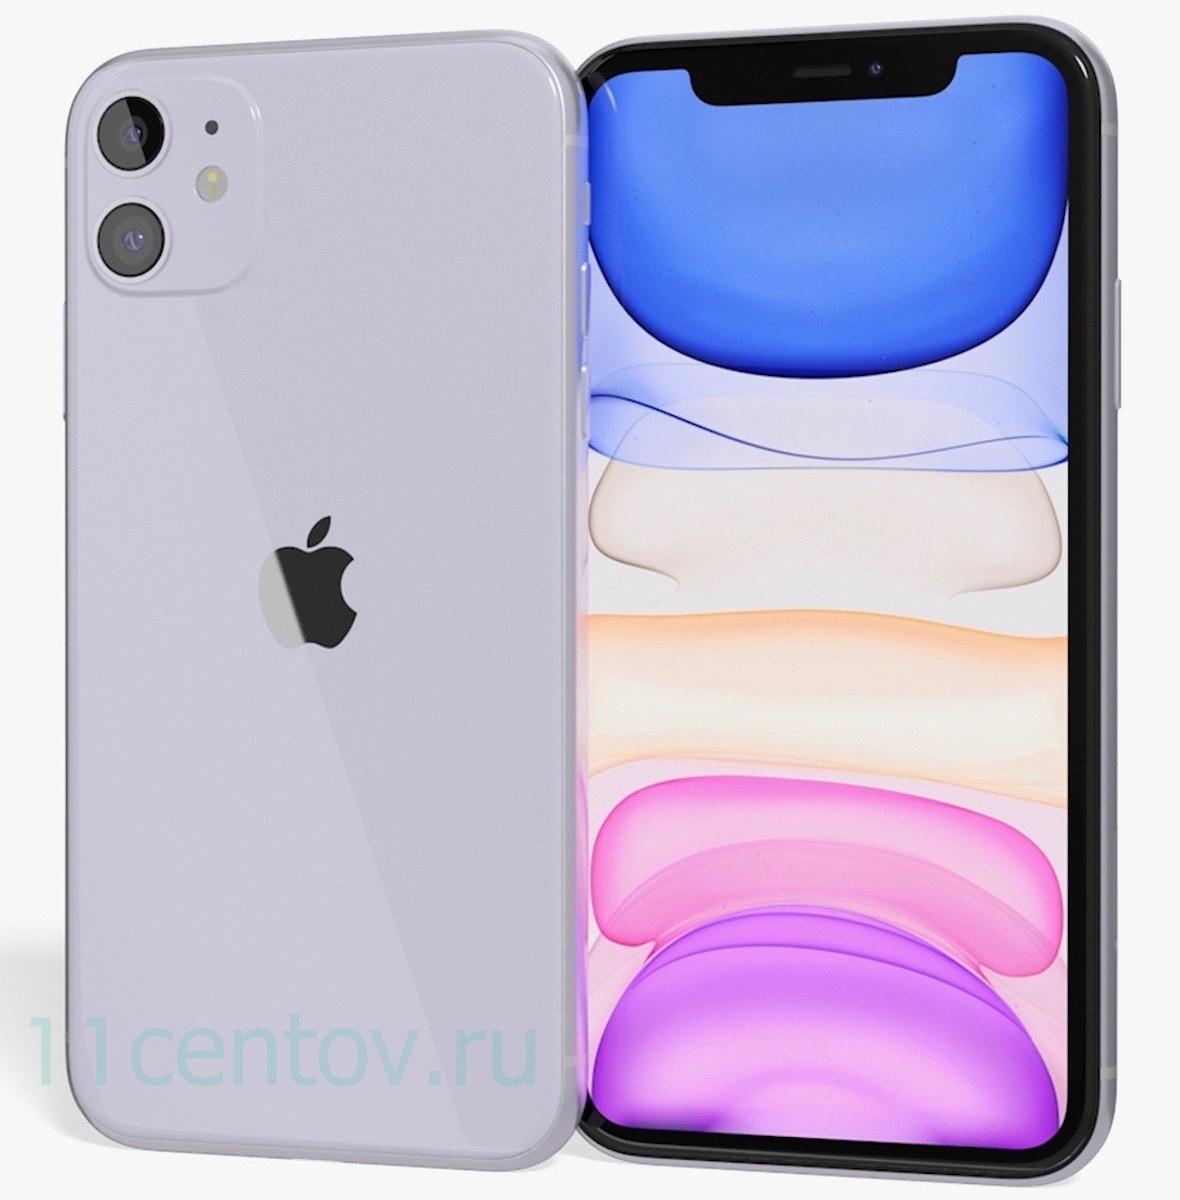 Купить Apple iPhone 11 64gb Фиолетовый (MWLX2RU/A) в интернет-магазине электроники «11 Центов»